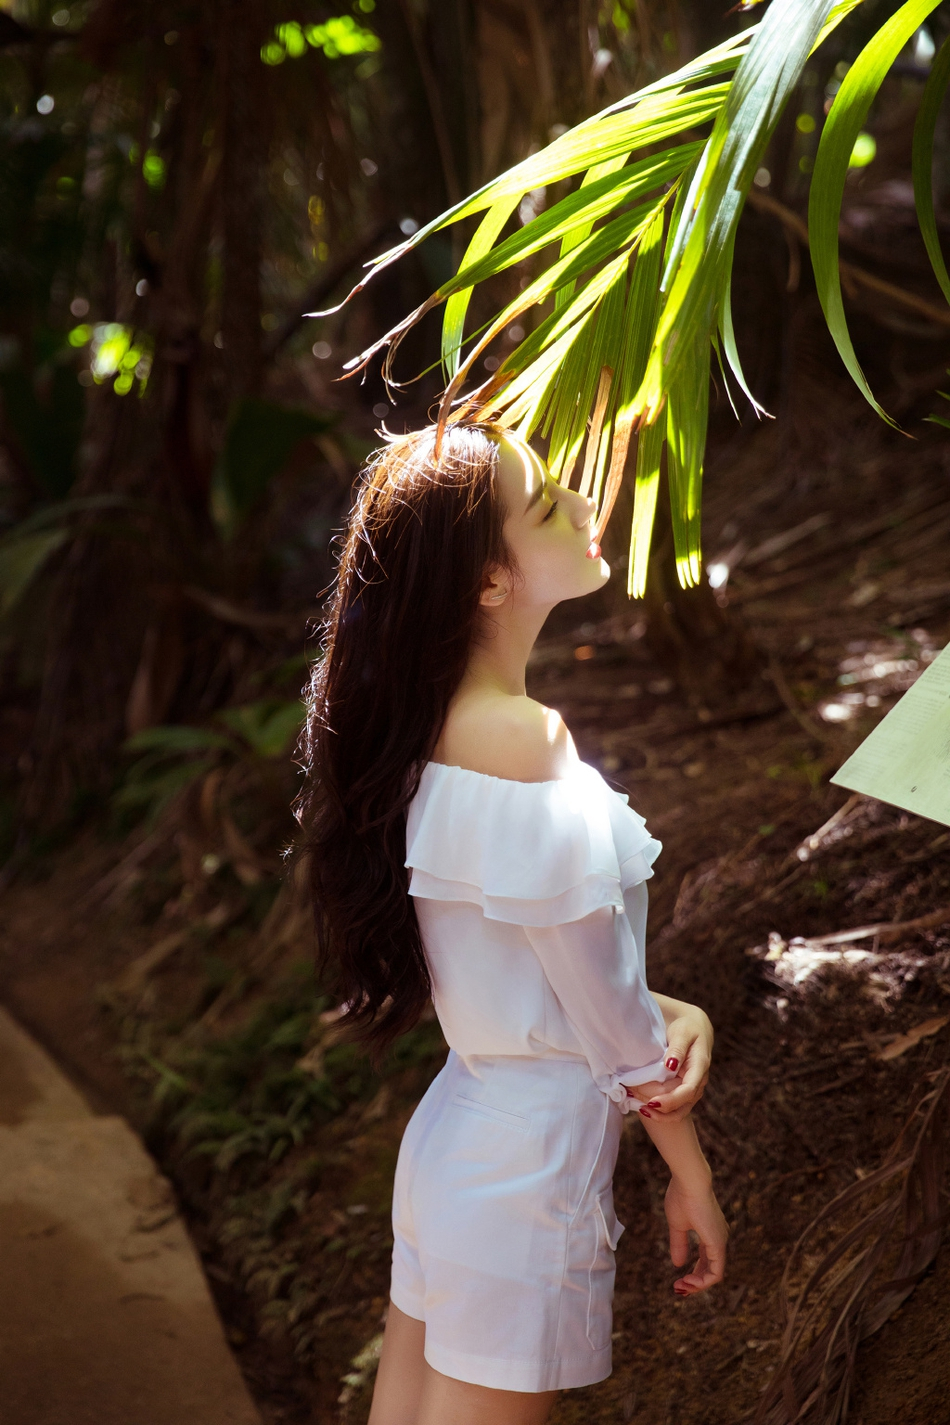 热巴漫步热带雨林 长发飘飘宛若小精灵 风格偶像 图4